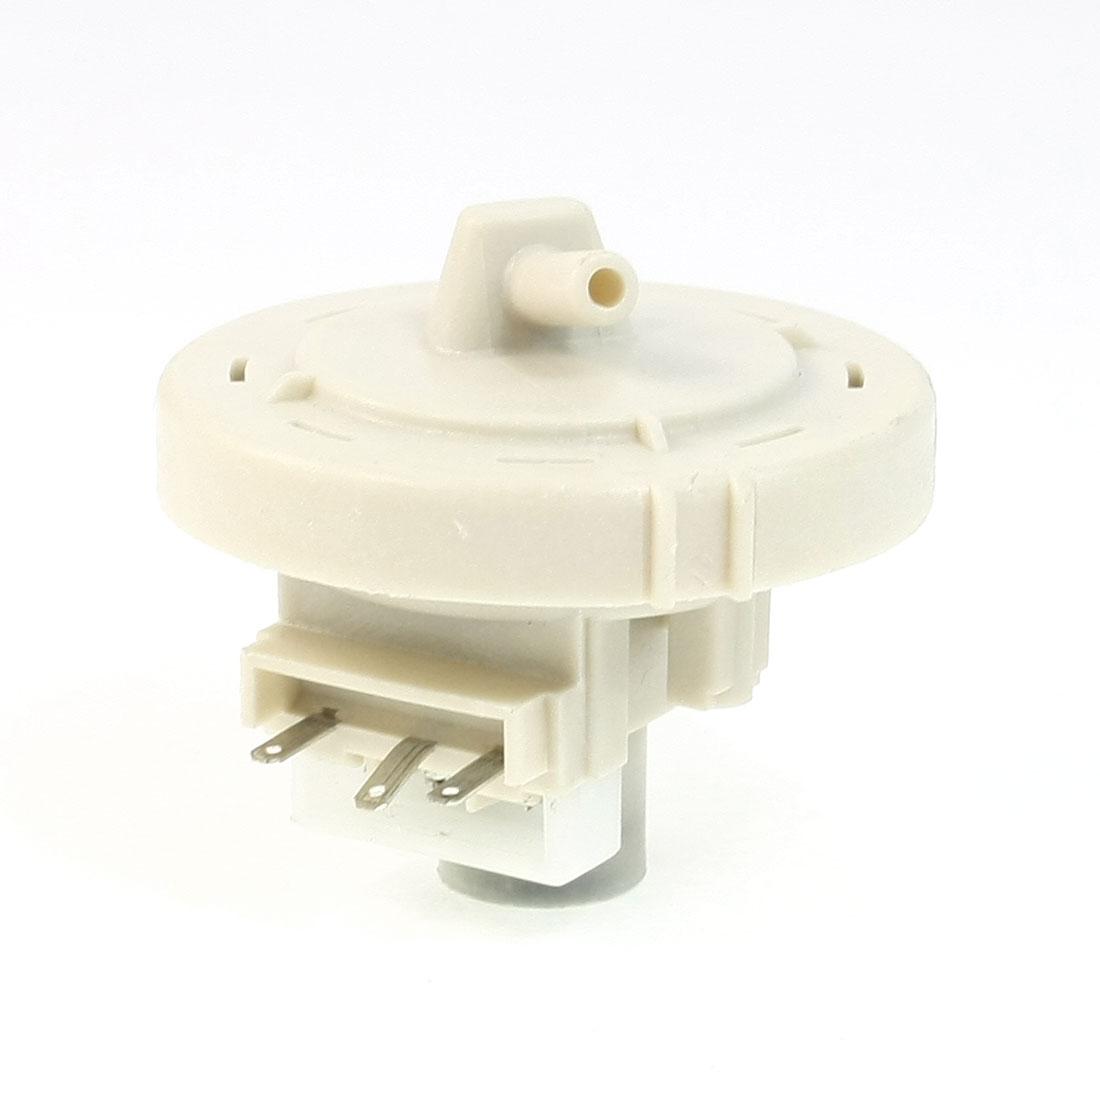 Laundry Washing Machine Washer Water Level Switch DC 5V 10mA